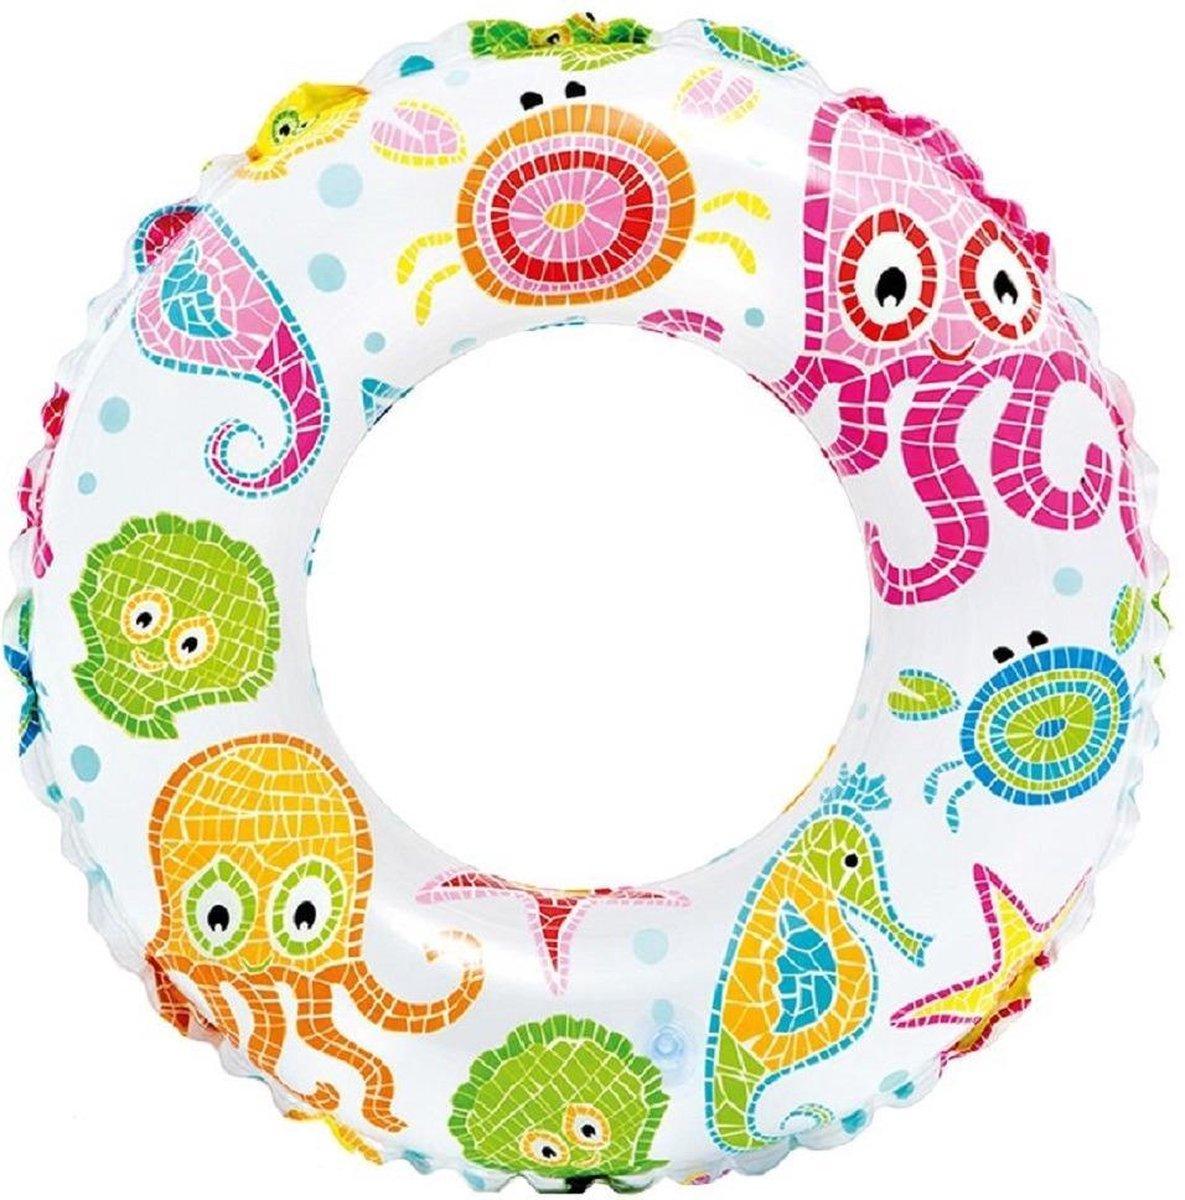 Opblaasbare transparante zwemband zeedieren 51 cm - Zwembenodigdheden - Zwemringen - Zee/oceaan thema - Zeedieren print zwembanden voor kinderen